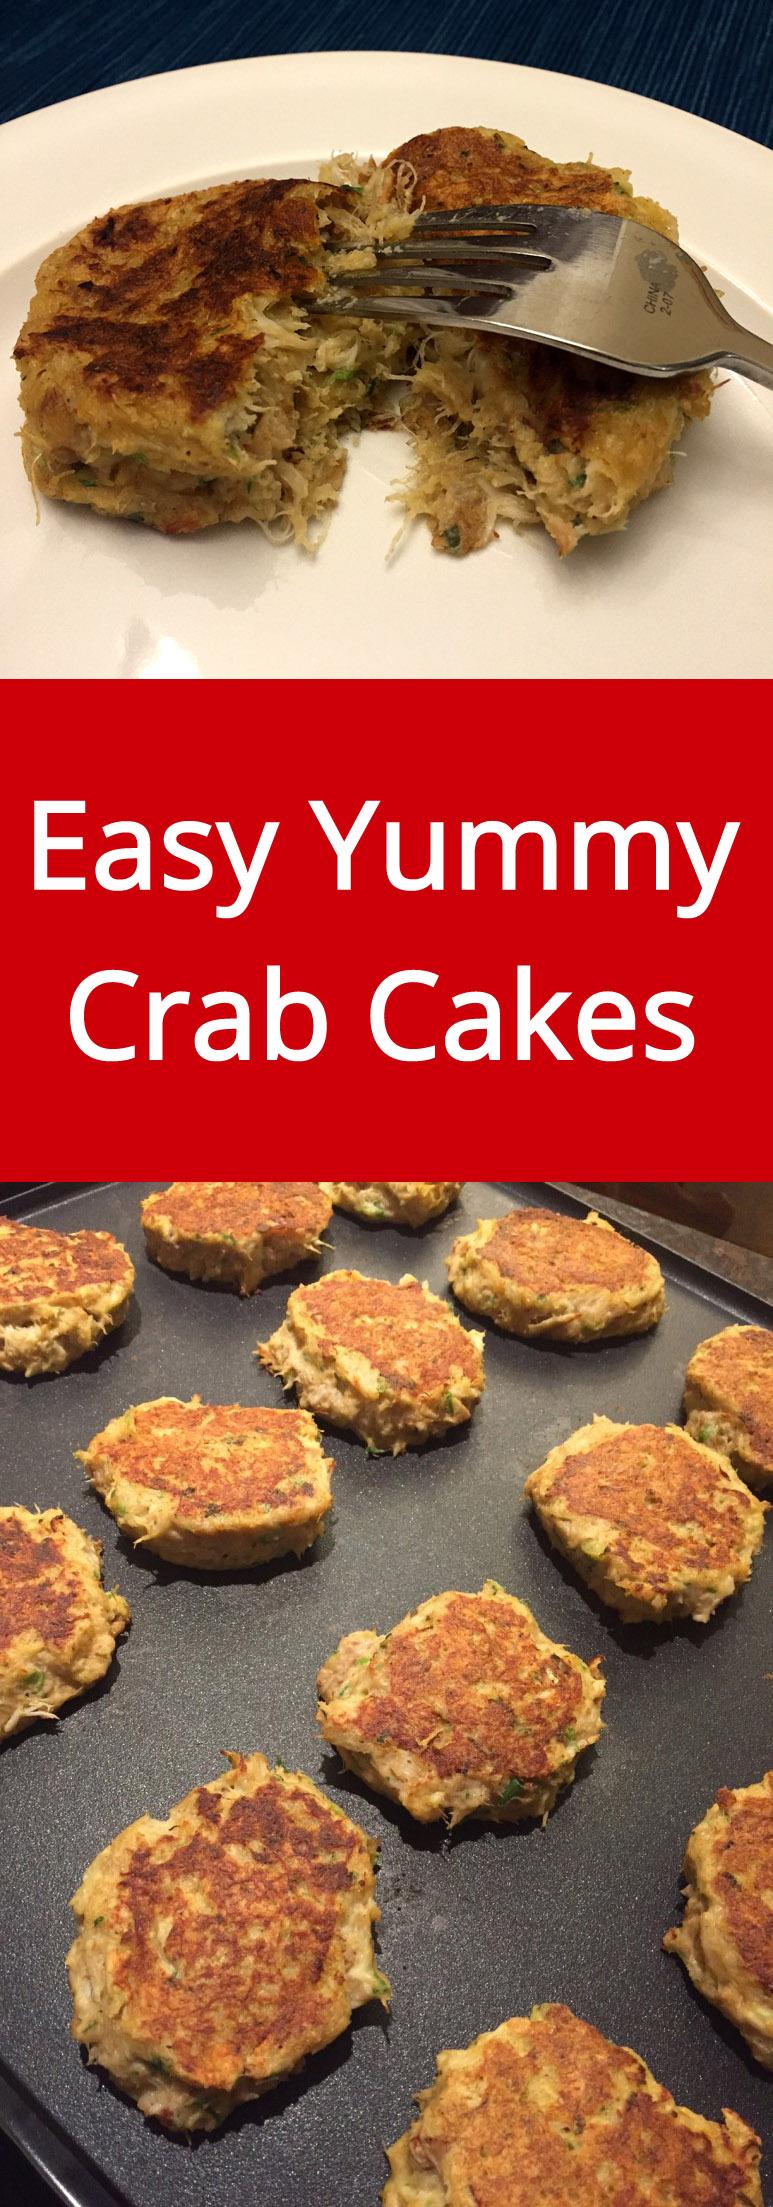 Easy Homemade Crab Cakes Recipe - so delicious, I love crab cakes! | MelanieCooks.com